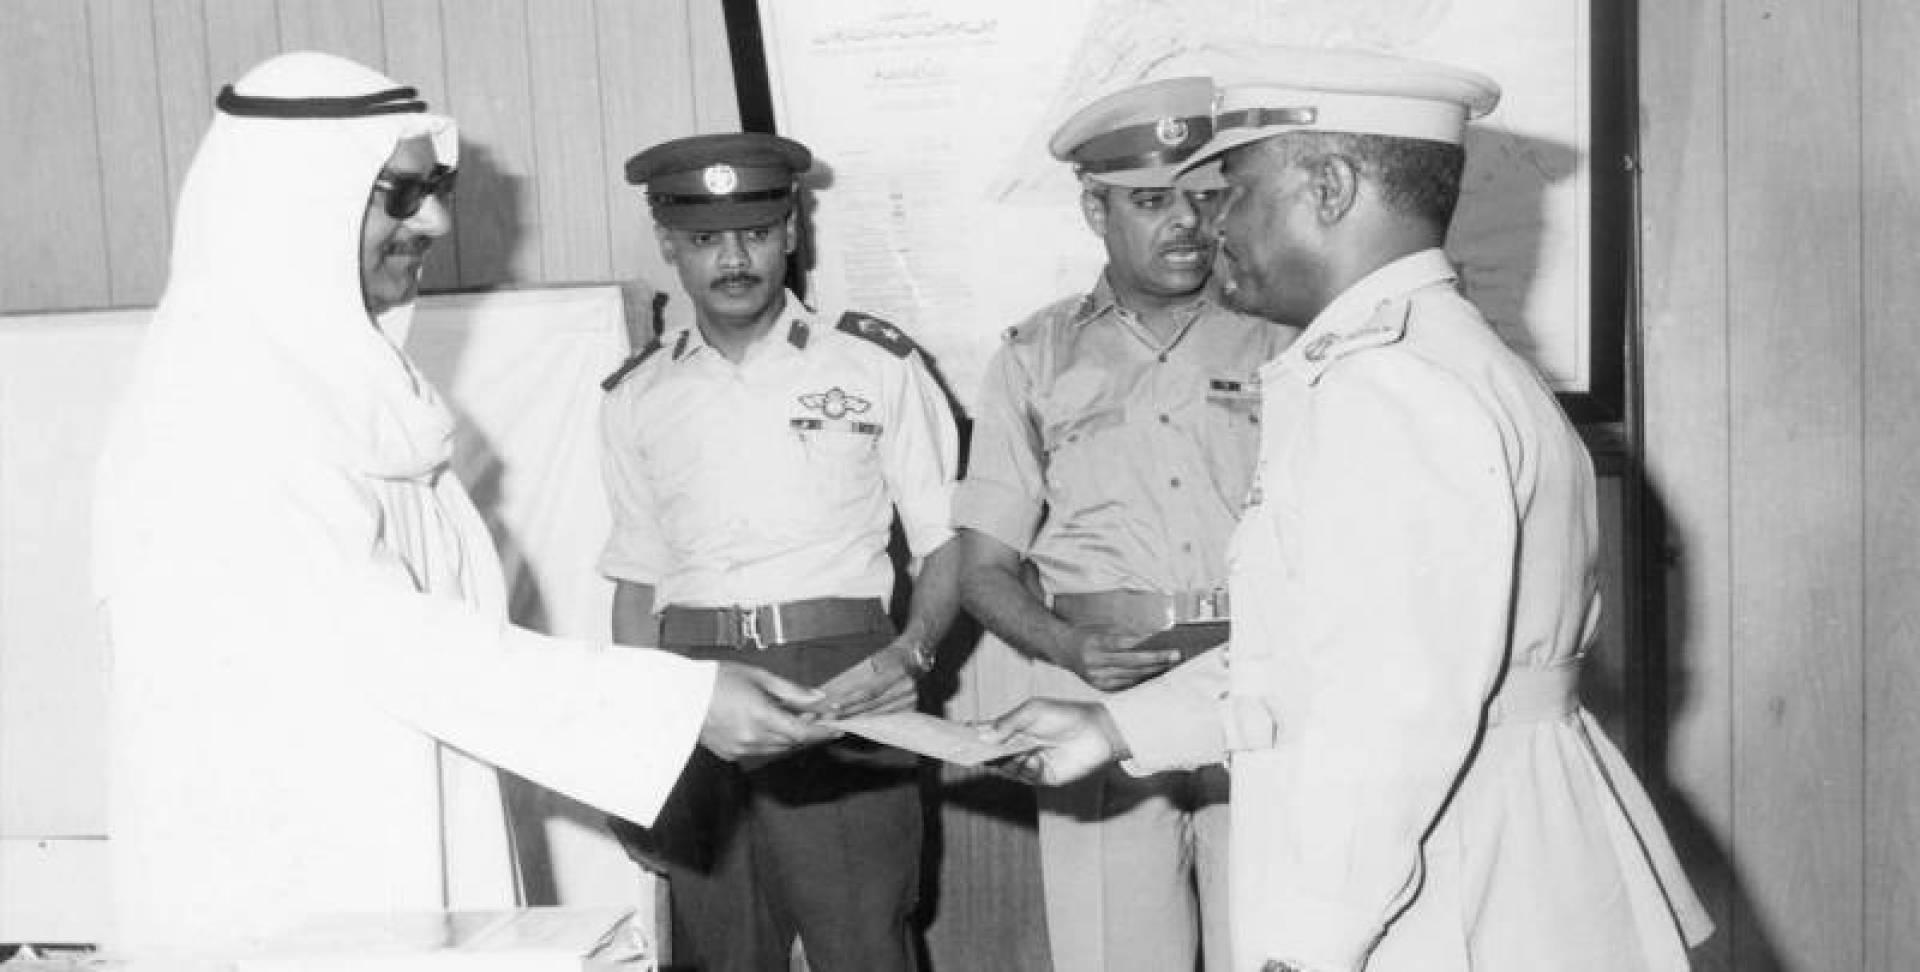 رئيس الأركان يسلم الرتب الجديدة للضباط الذين صدر مرسوم بترقيتهم